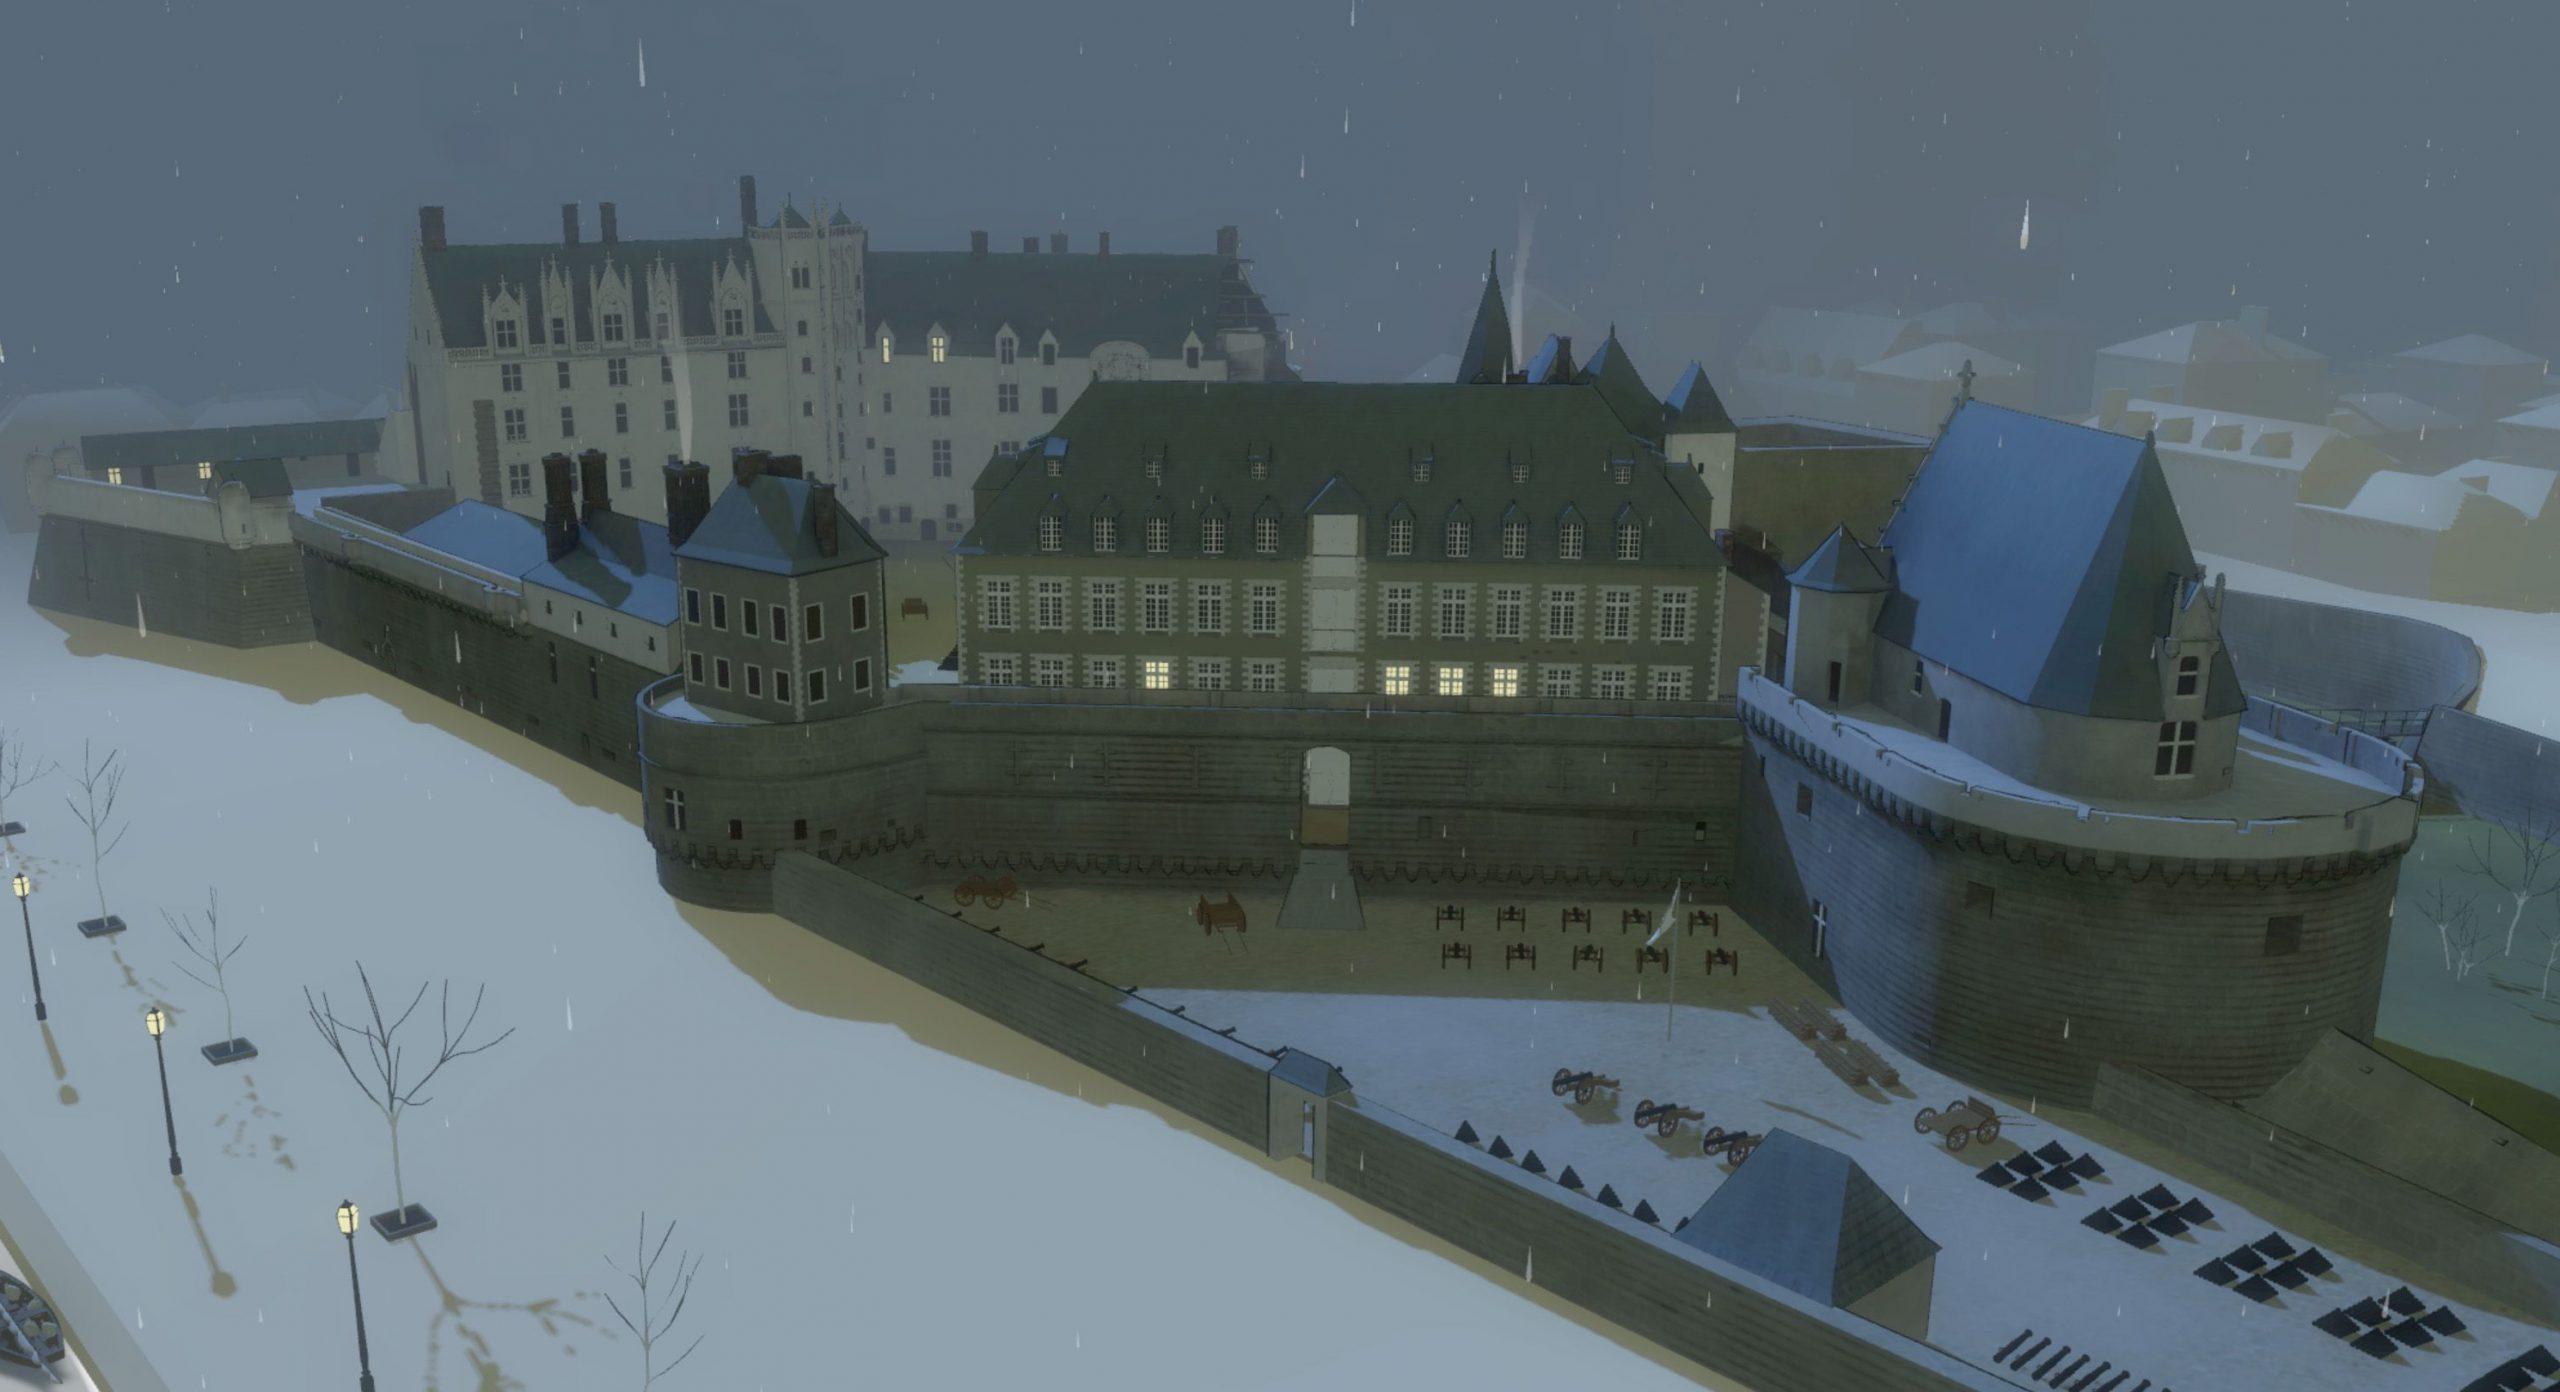 maquette-3d-du-chateau-des-ducs-de-bretagne